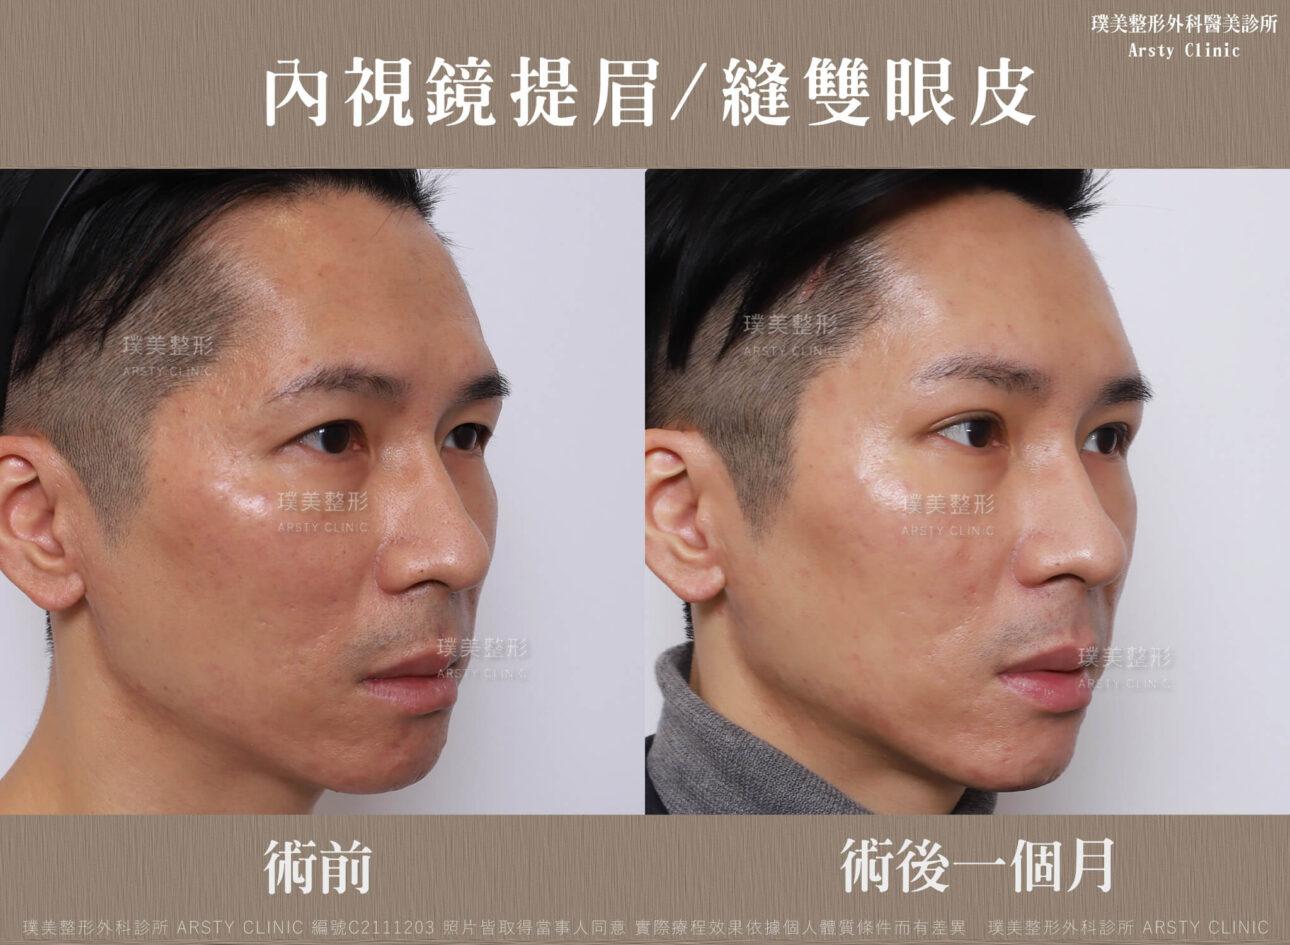 內視鏡提眉 縫雙眼皮 C211203BA03 2 4